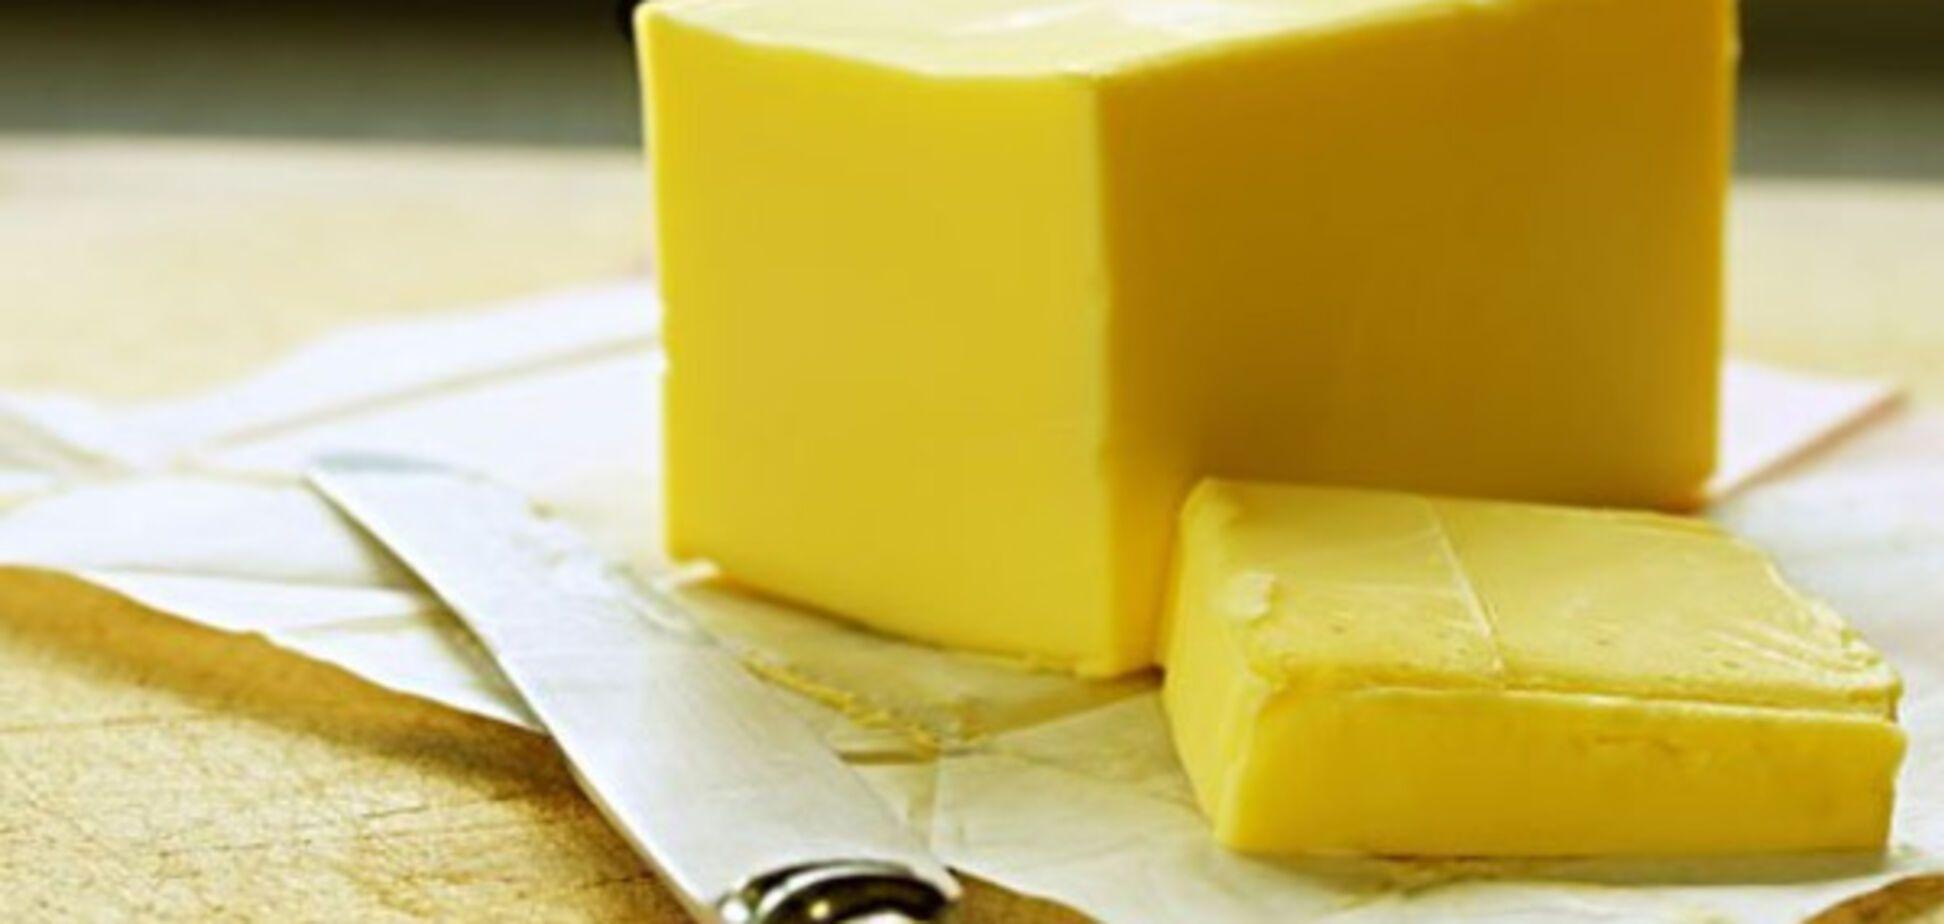 Внимание, фальсификат: специалисты дали советы по выбору правильного масла и плавленого сыра